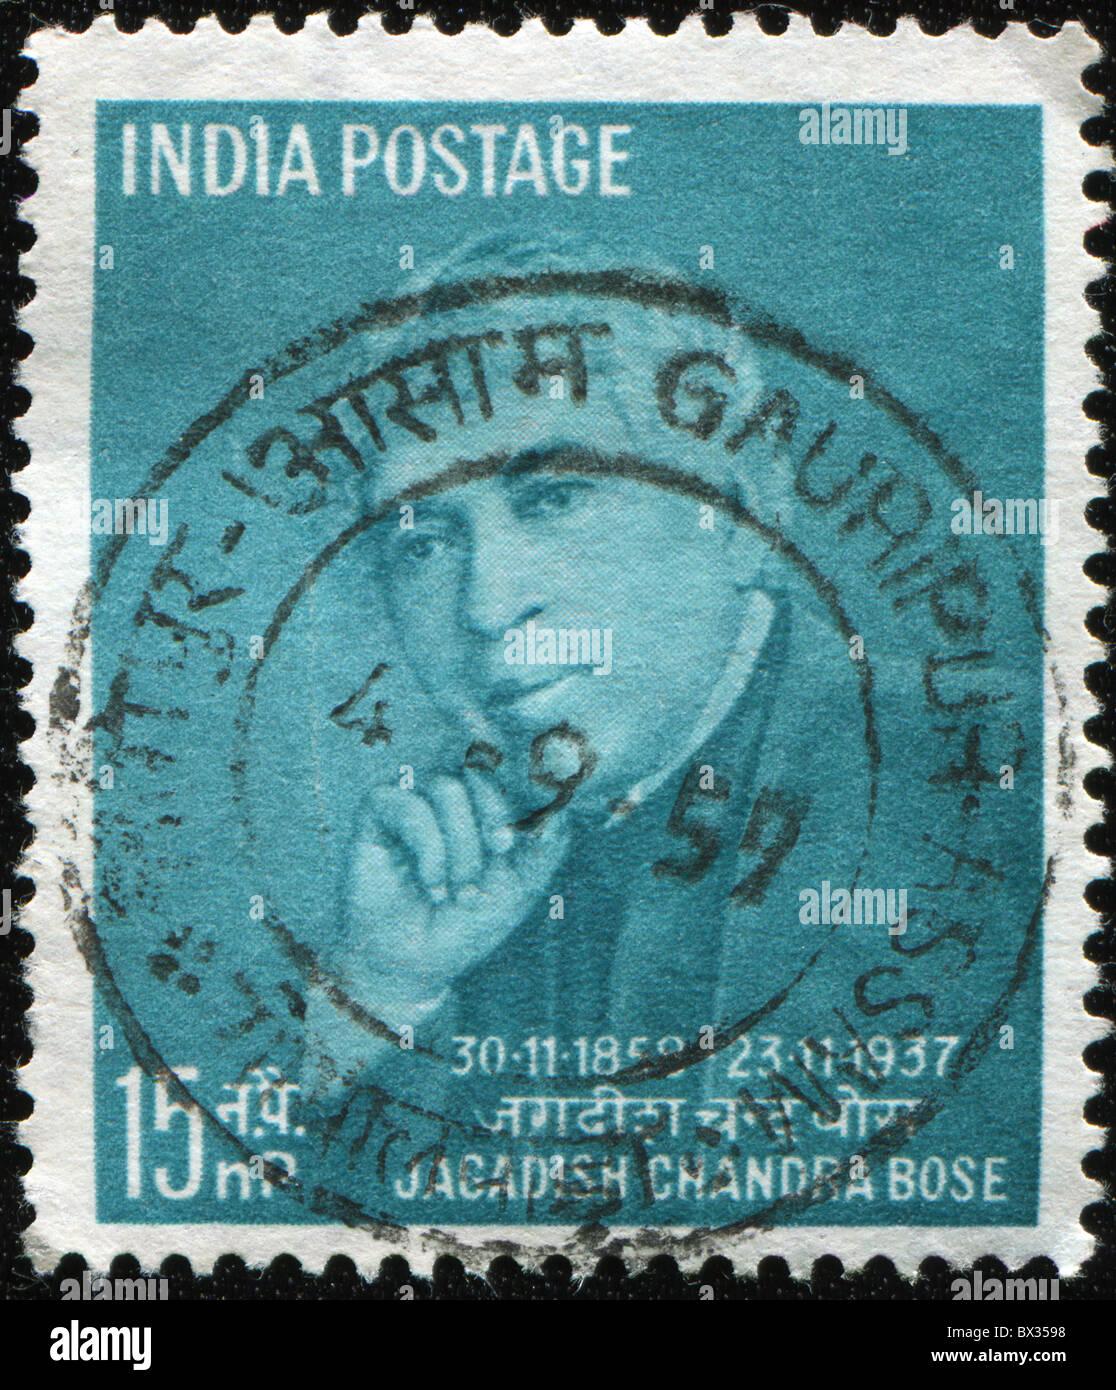 INDIA - CIRCA 1958: A Stamp printed in India shows Jagadish Chandra Bose, circa 1958 - Stock Image